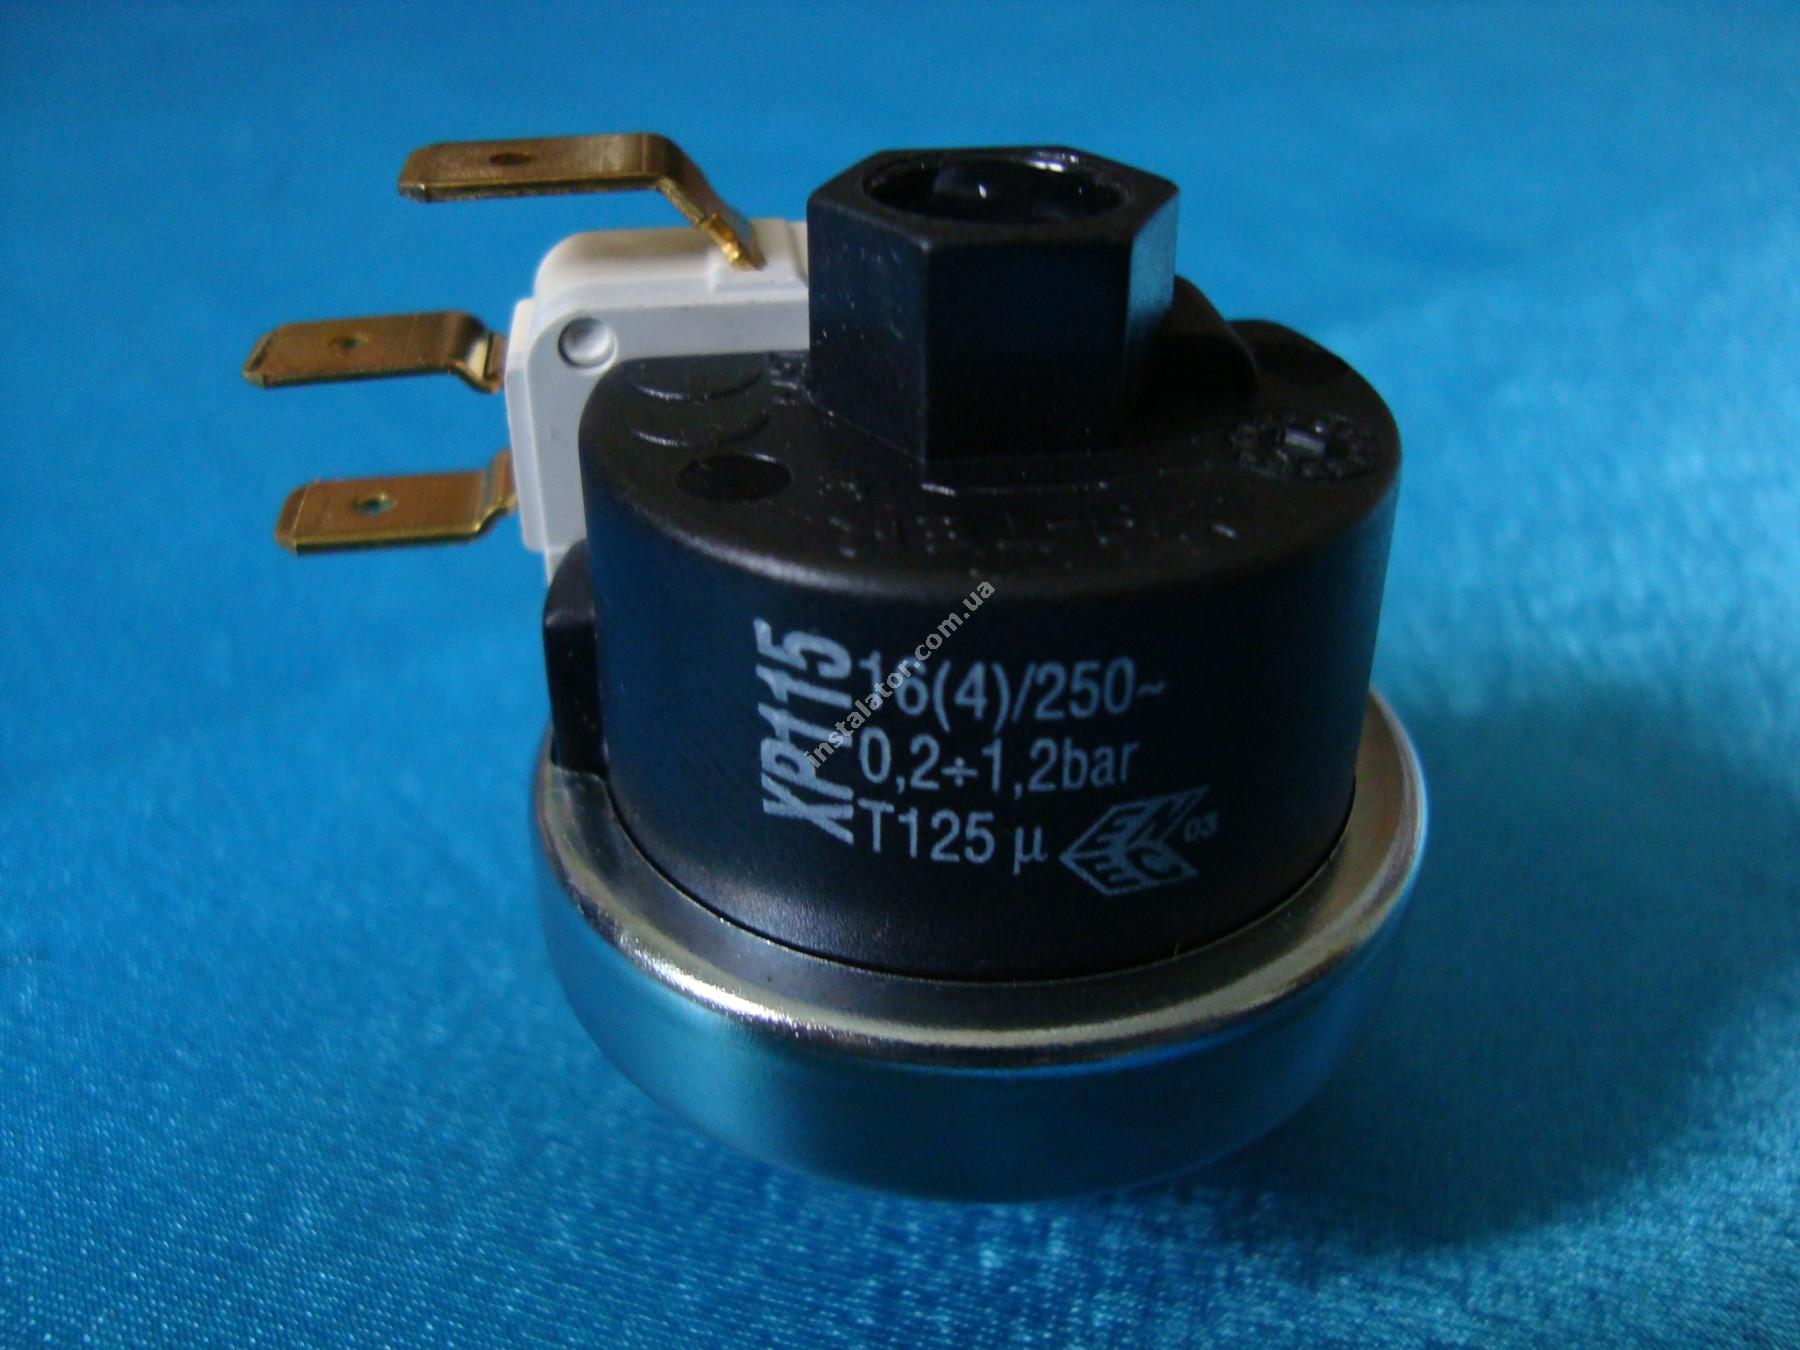 6PRESSAC05 Реле тиску води  ANTEA/ DELFIS XP115 0,2-1,2 бар full-image-1